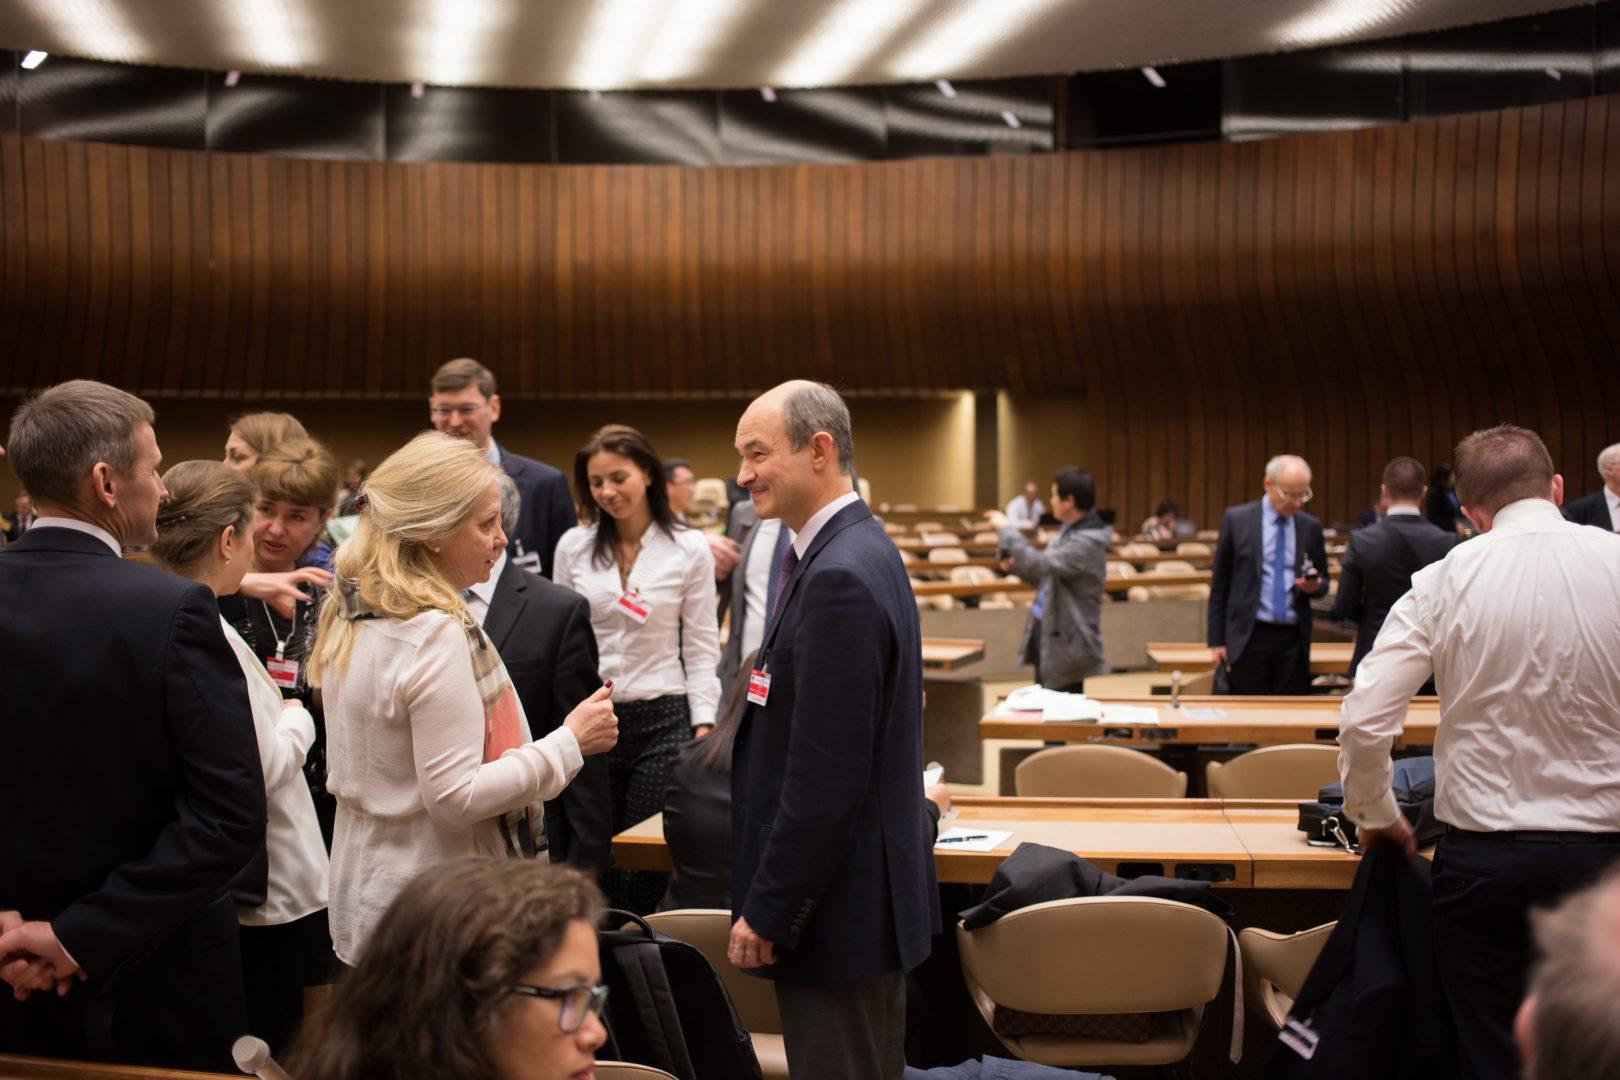 """7-9 травня 2018 року у м. Женева (Швейцарія) відбувся  Міжнародний форум з публічно-приватного партнерства: """"Збільшення масштабів: відповідь на виклики Стратегії сталого розвитку ООН до 2030 р. за допомогою ППП, спрямованих на людину"""""""